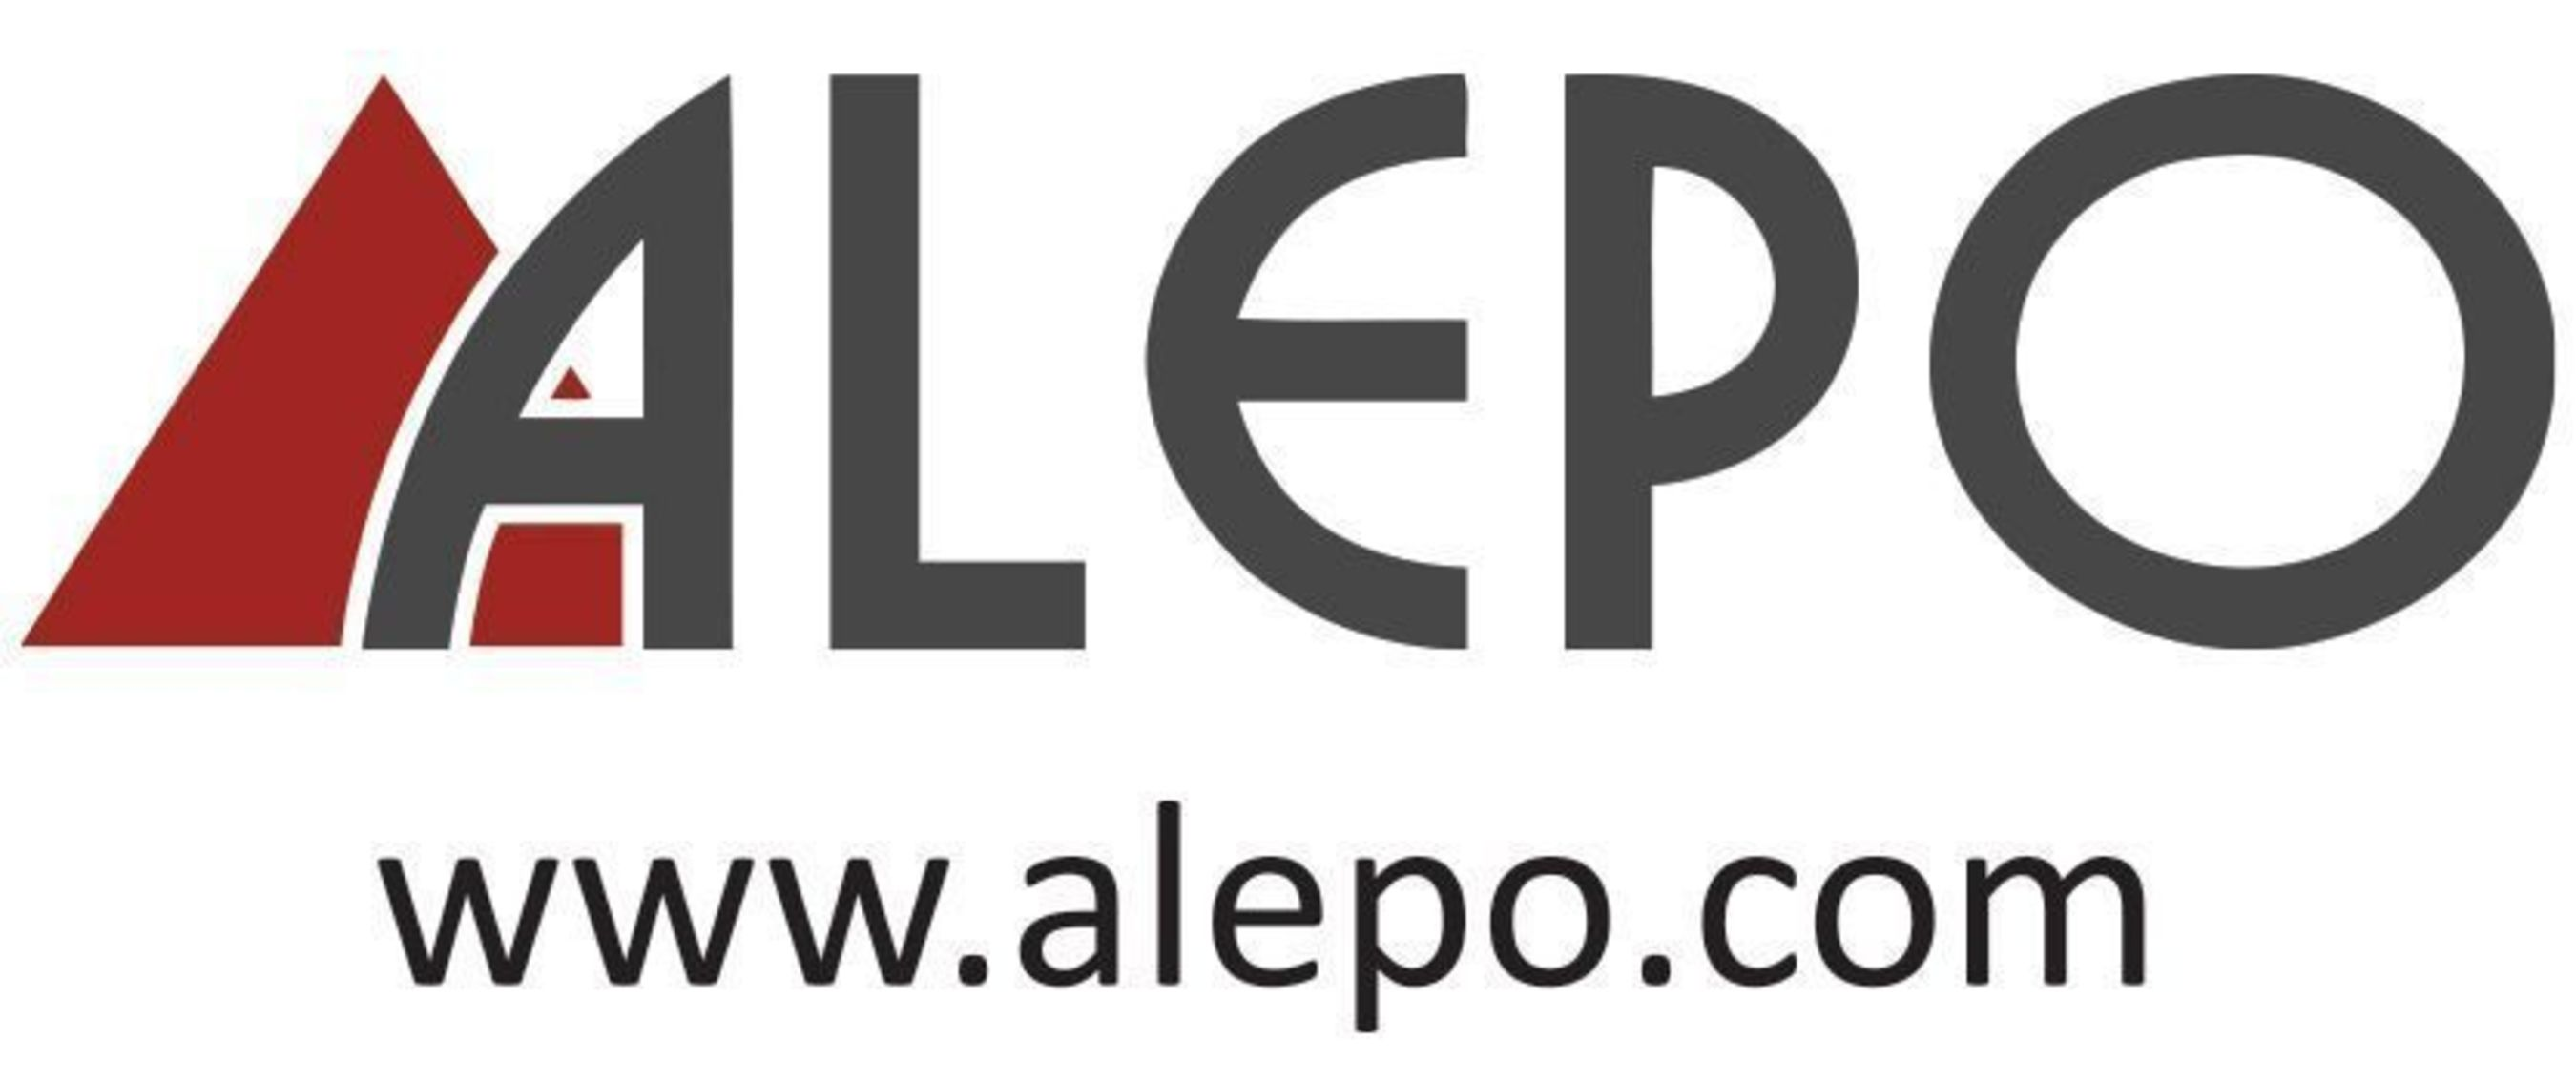 Africell utiliza a Alepo para cobrança de dados 3G e LTE e controle de políticas em acordo